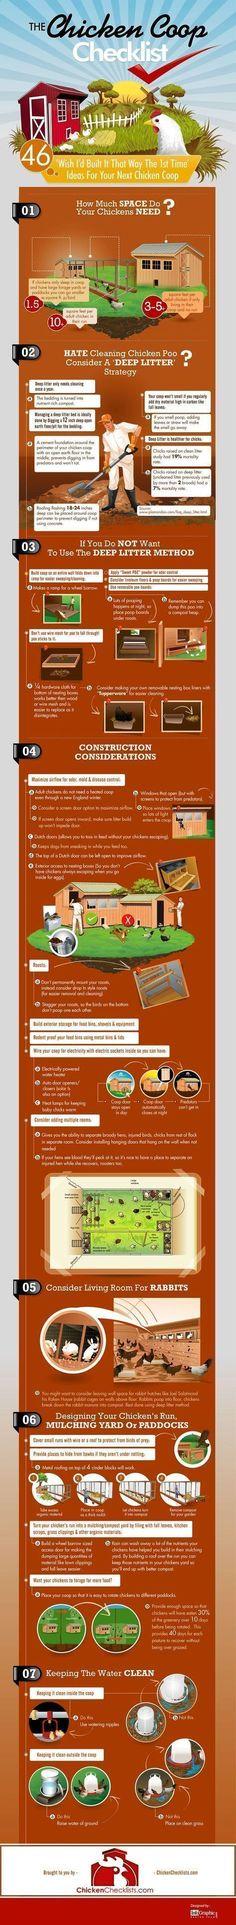 Urban Chickens Network blog: Infographic time: the chicken coop checklist :) #urbanchickens #DIYchickencoopplans